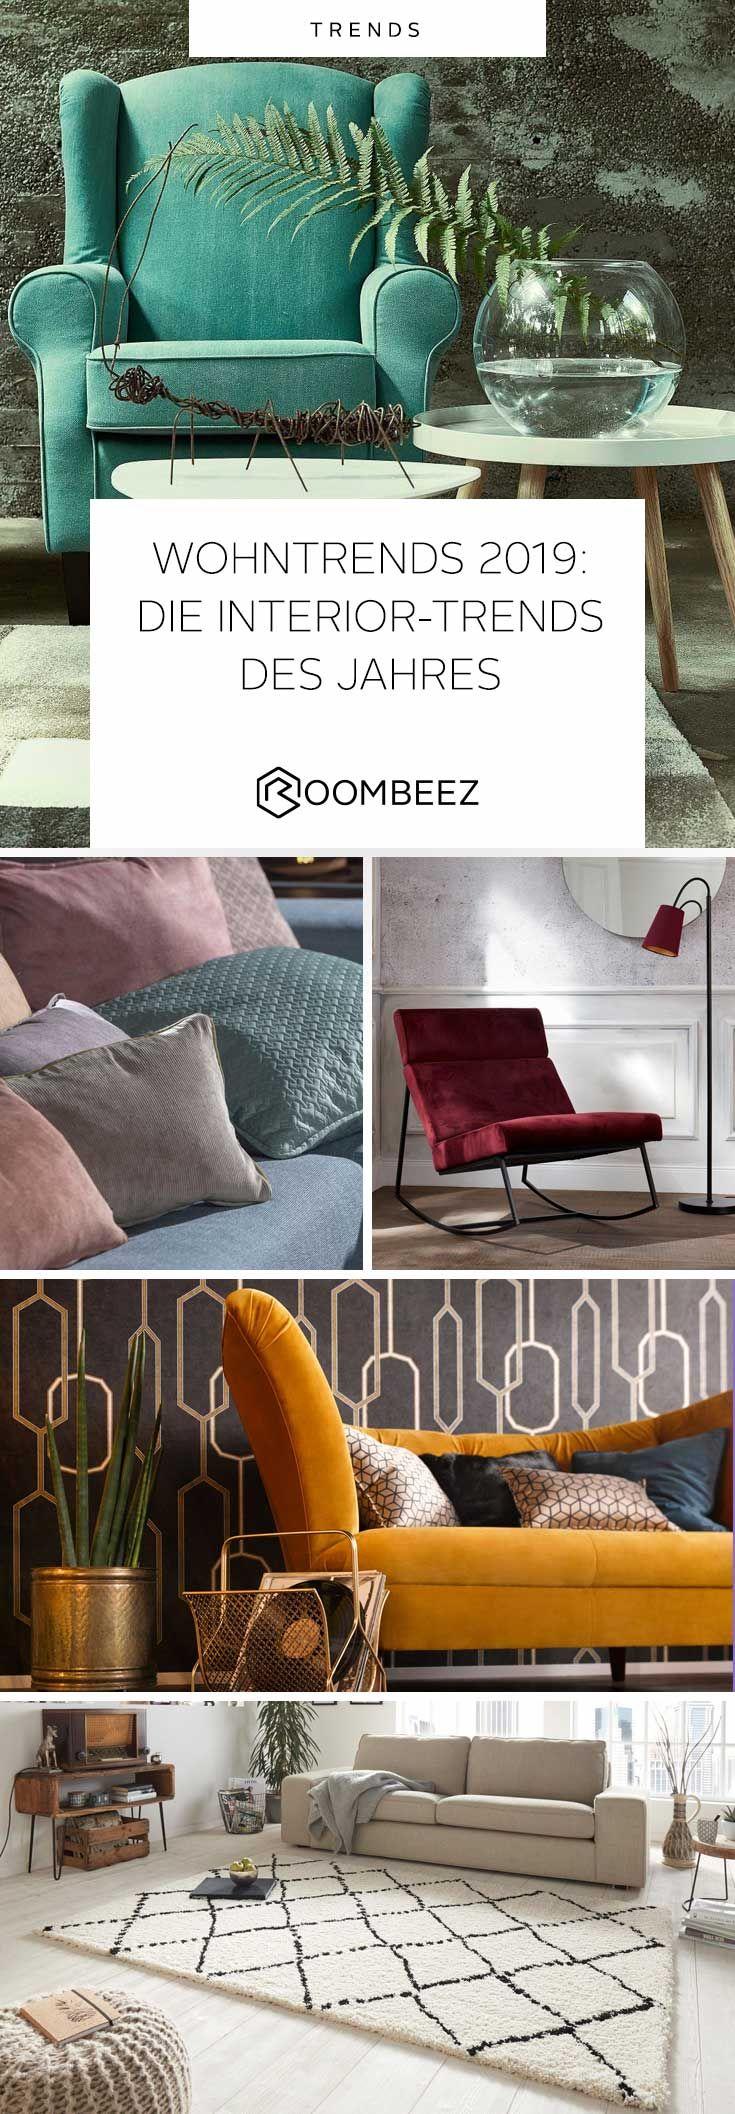 Wohntrends 2019 Farben Möbel Deko Roombeez At Otto Wohntrends